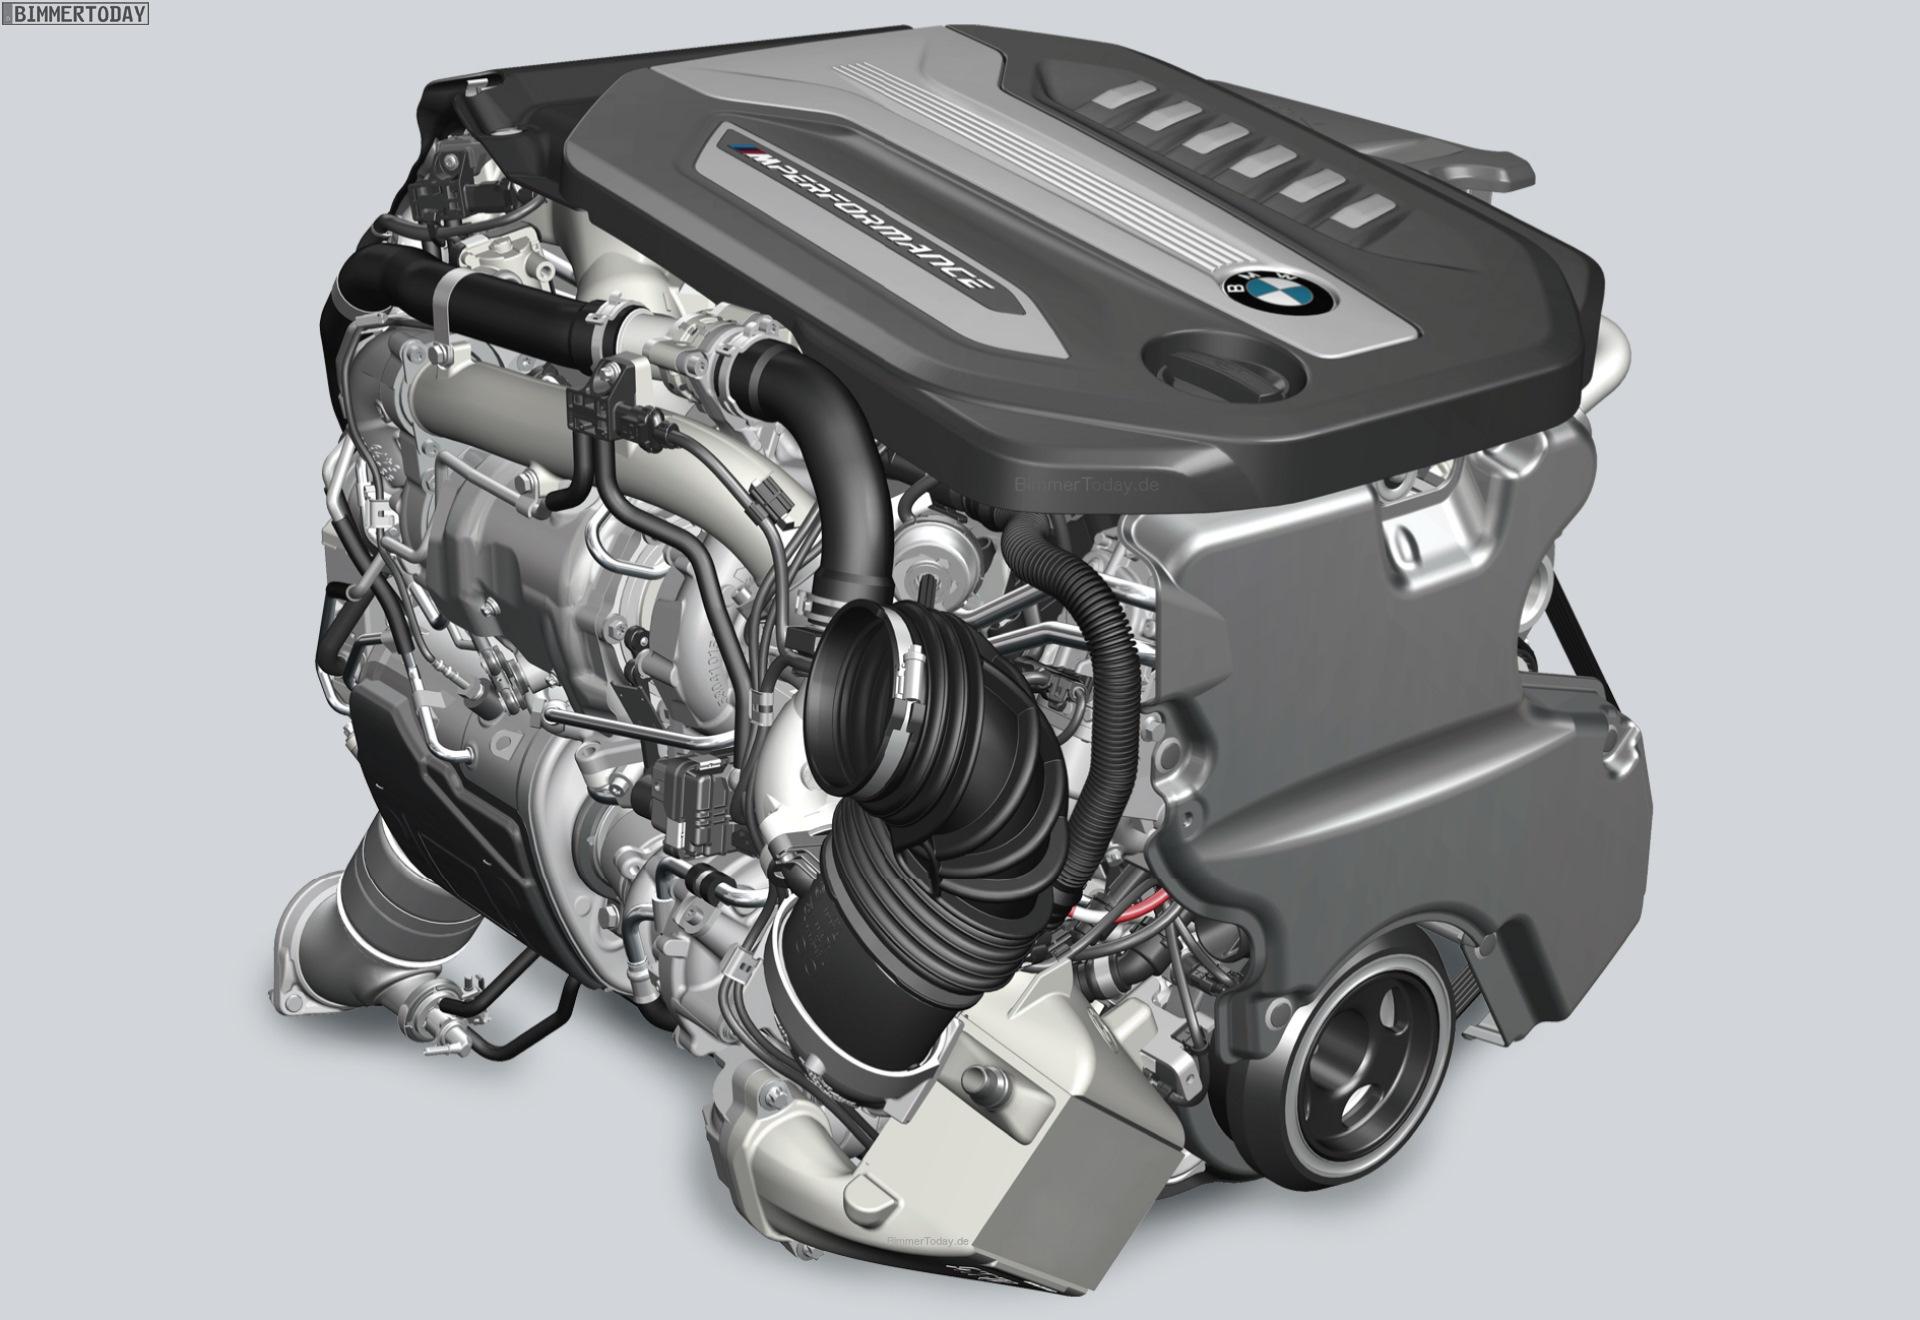 Bmw Quadturbo Diesel Alle Details Zur Technik Des Top B57